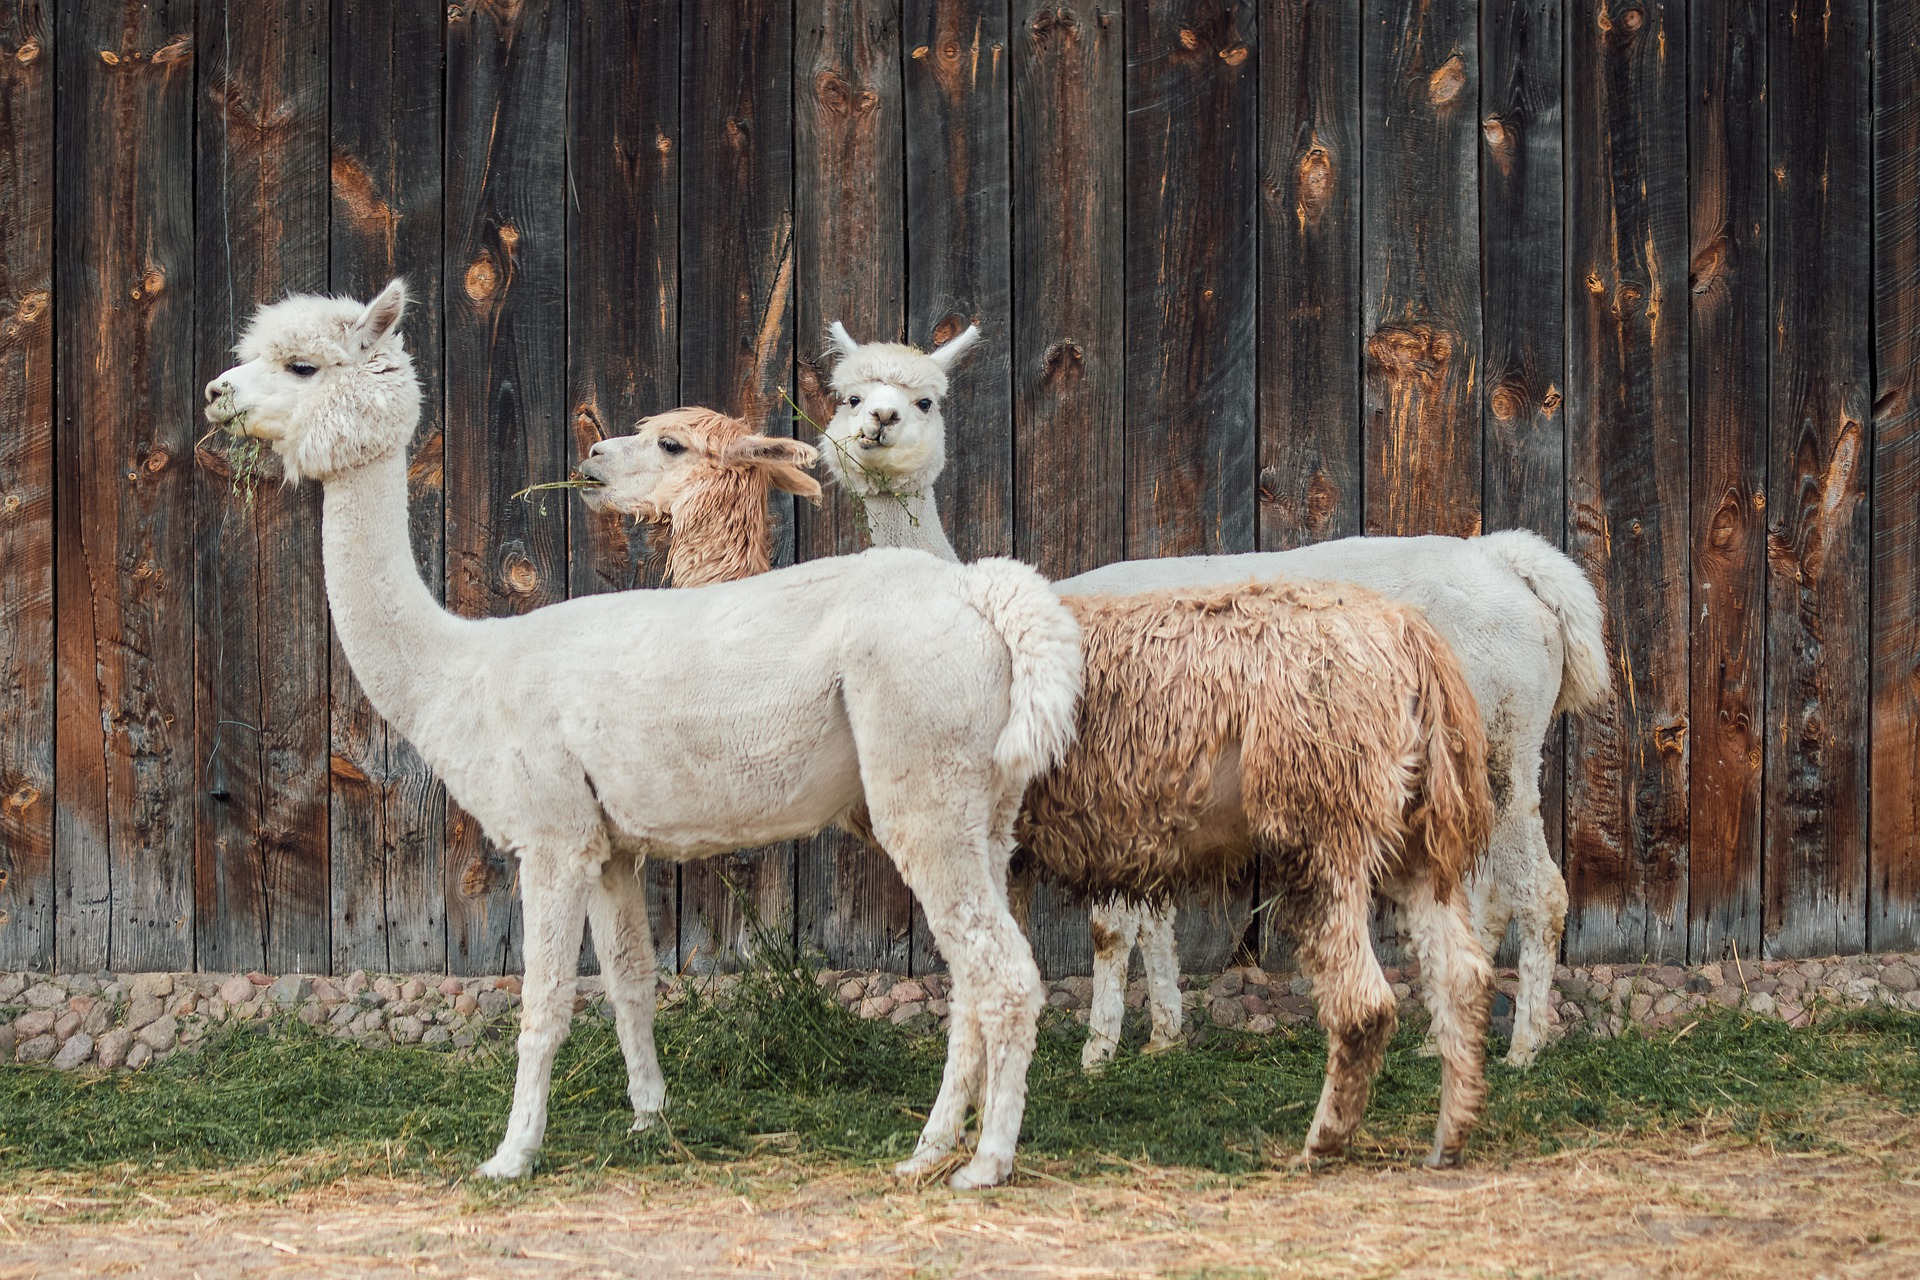 alpaca-4357188_1920.jpg